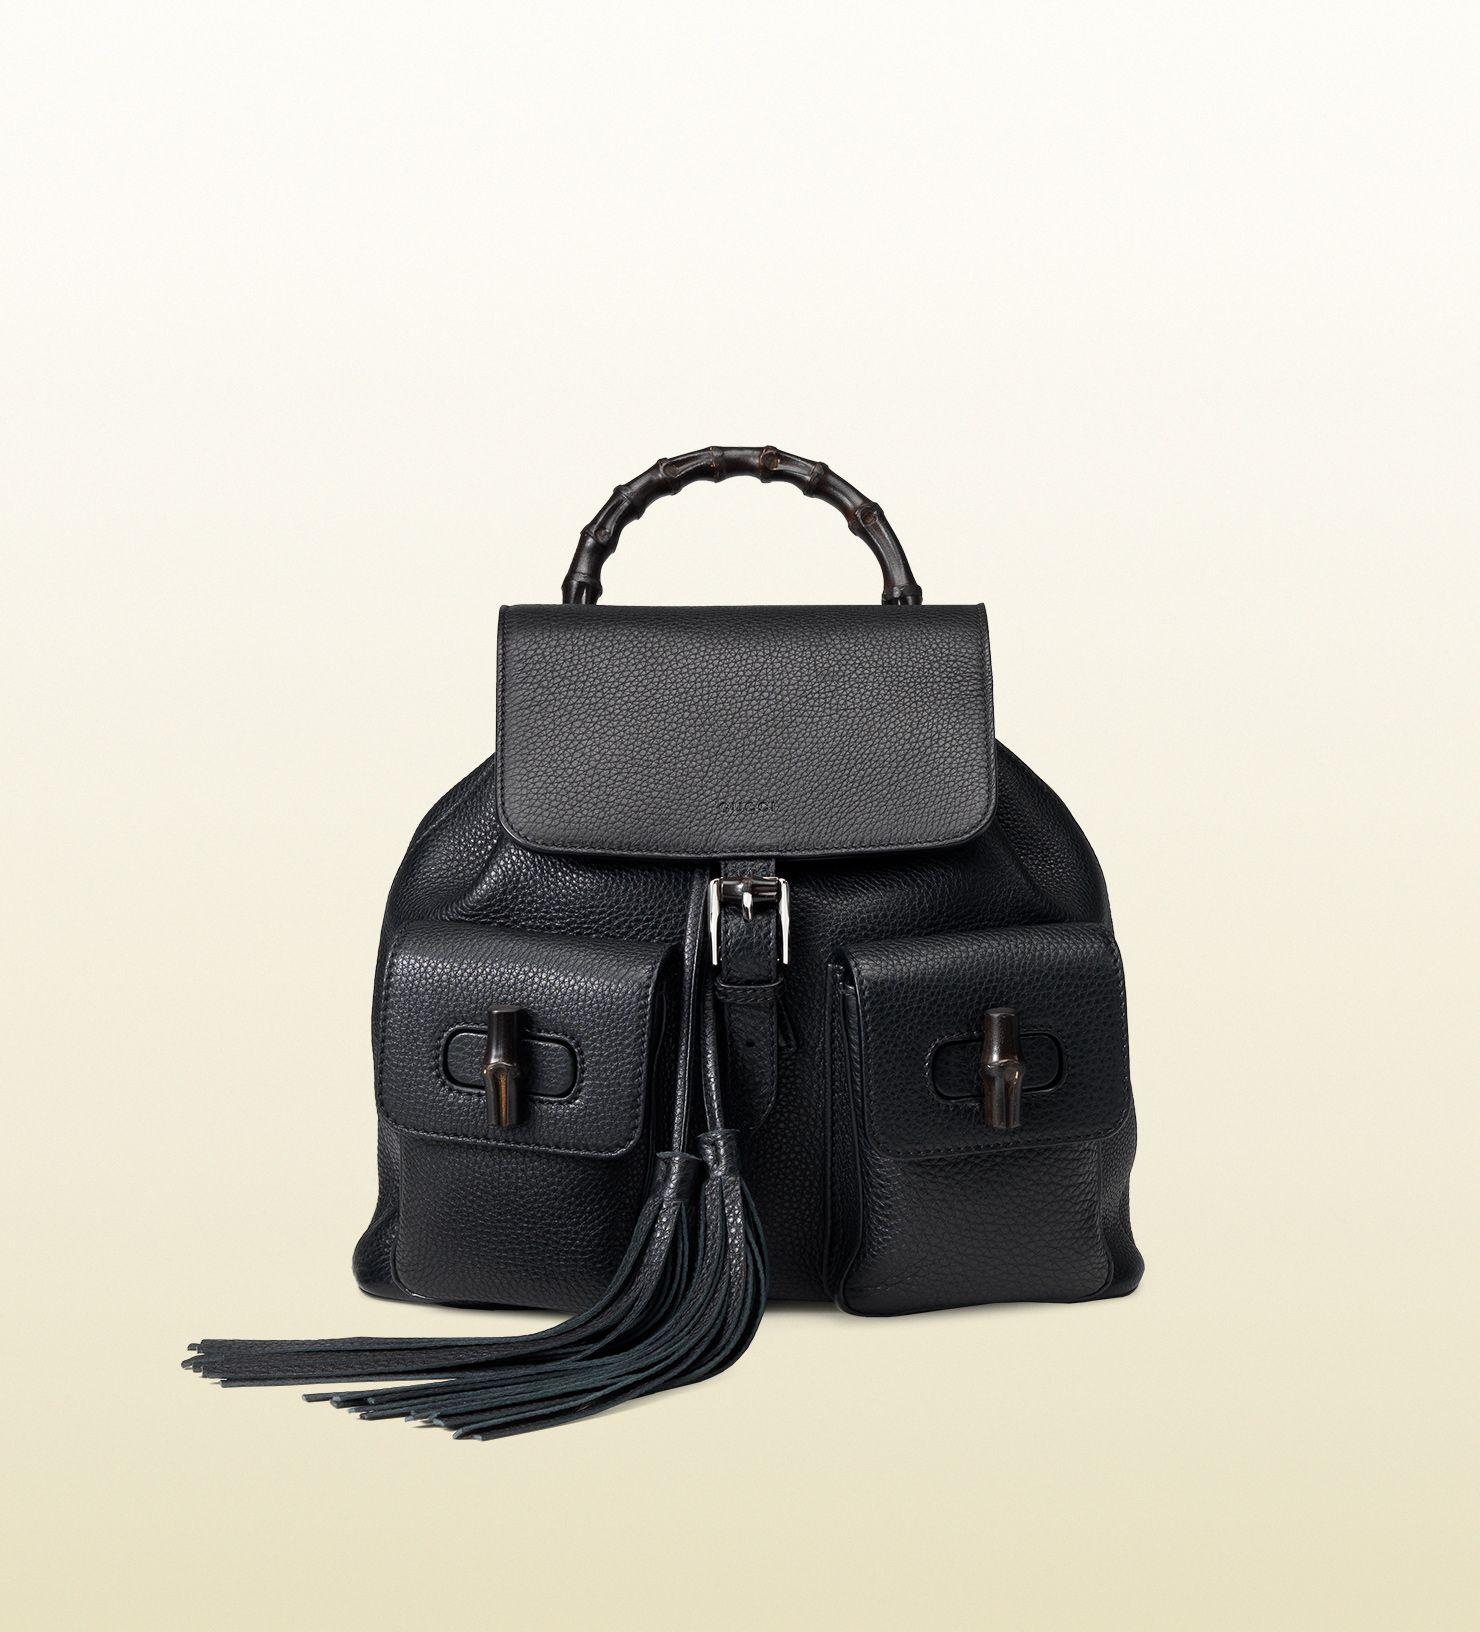 021ecfe42ae Bamboo Sac Leather Backpack